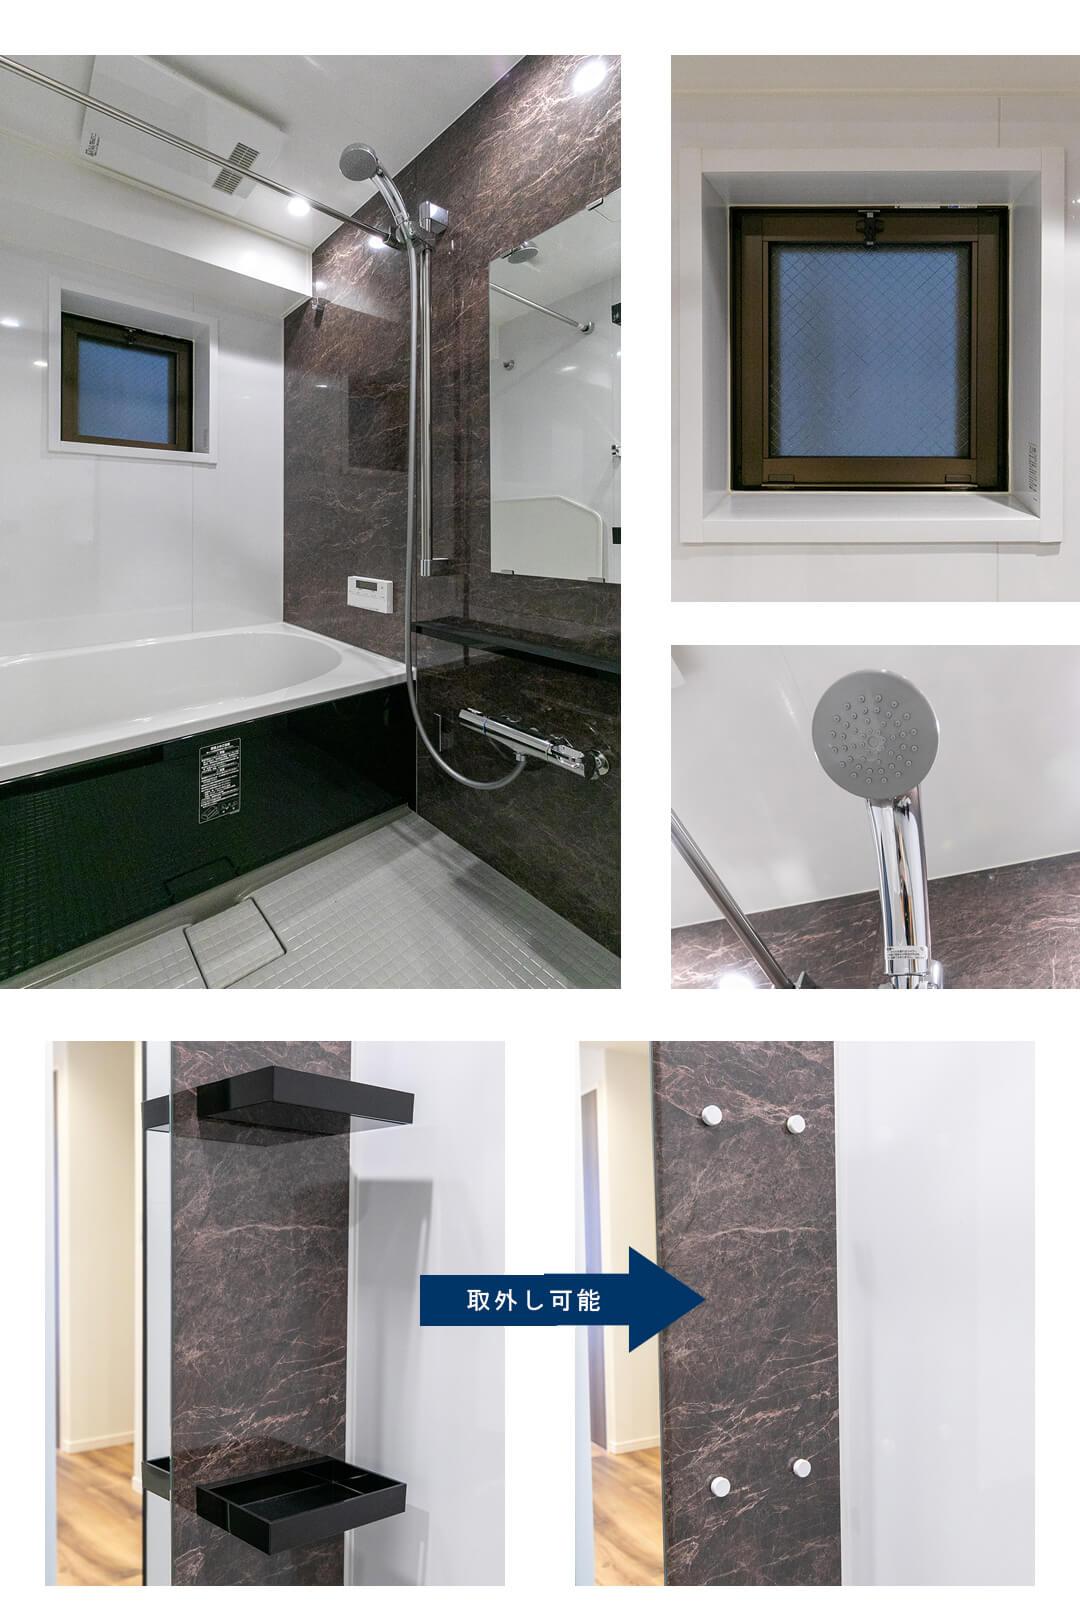 朝日サテライト六本木 301の浴室